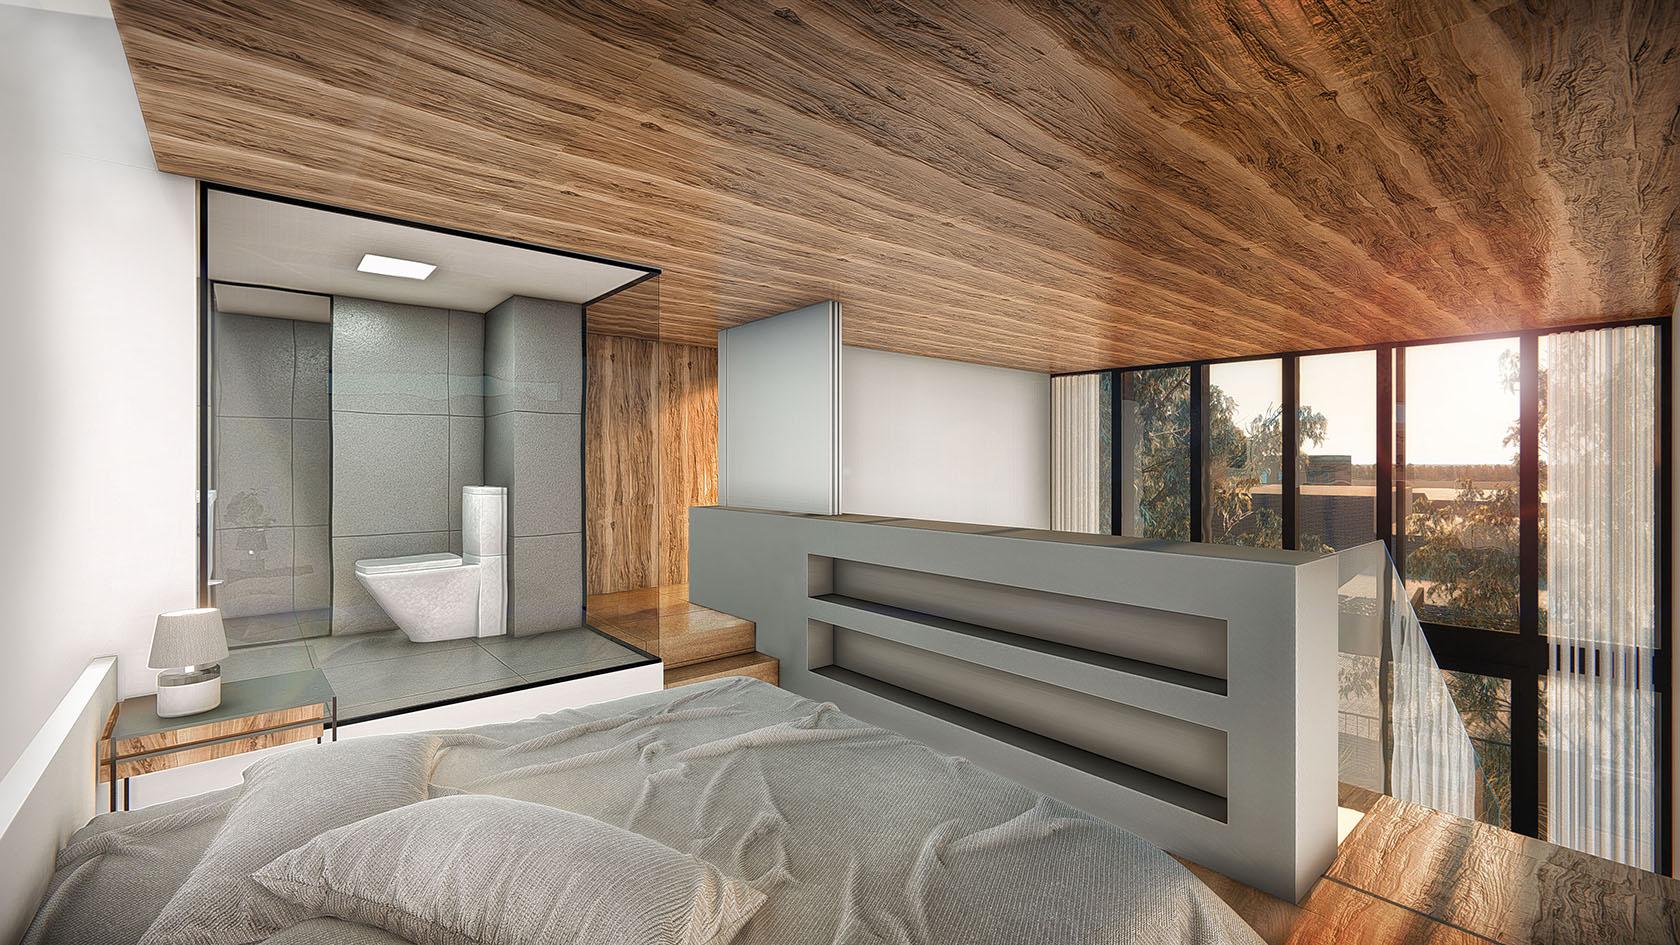 Vista interior dormitorio